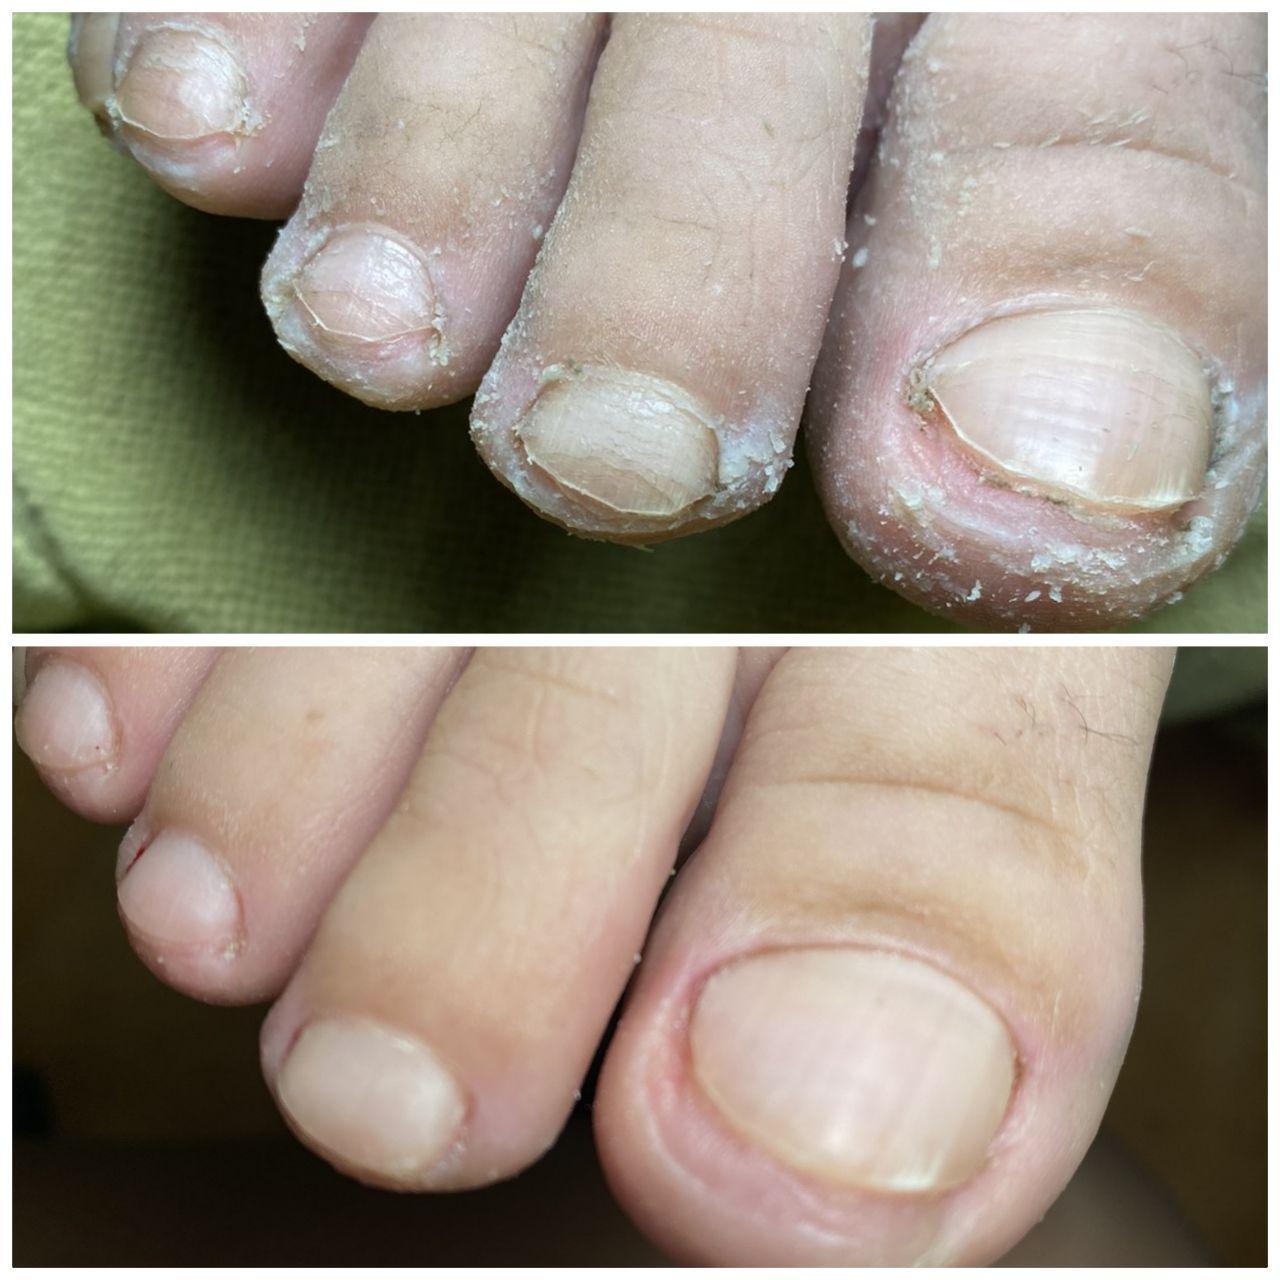 вросший ноготь на большом пальце ноги в салонах Ника и Африка